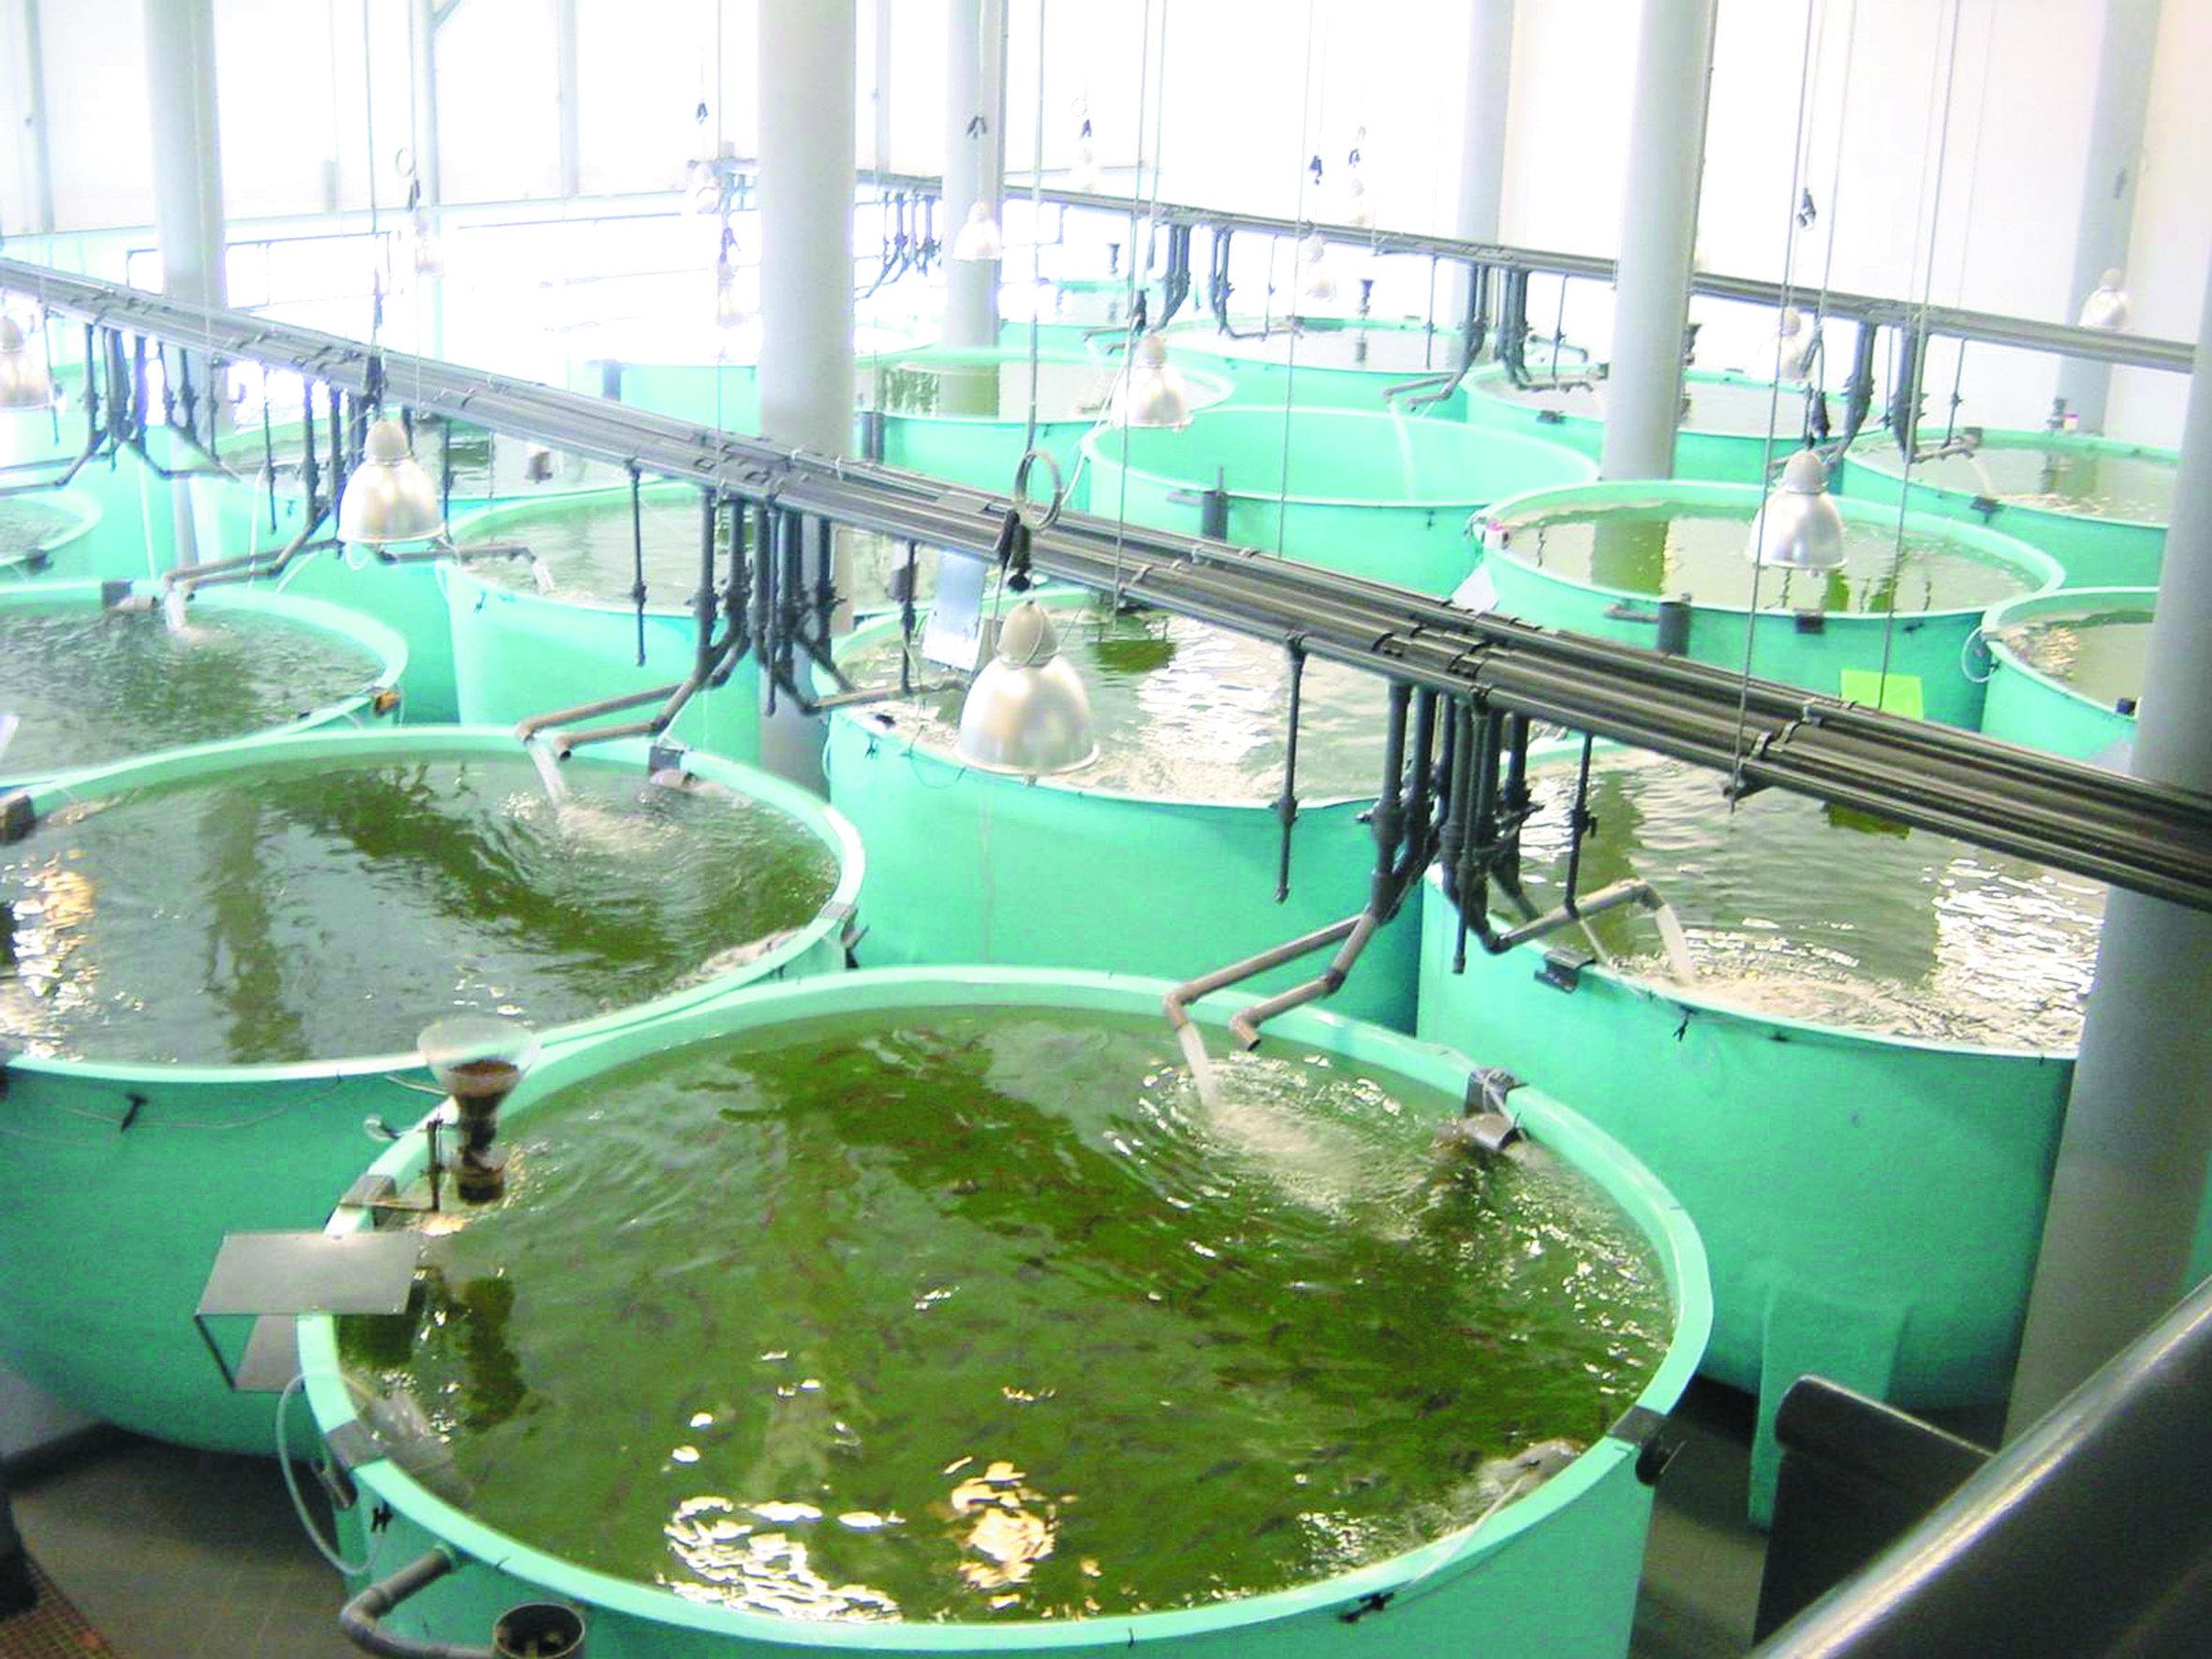 fiskbajs till växtnäring måste vara en bluff